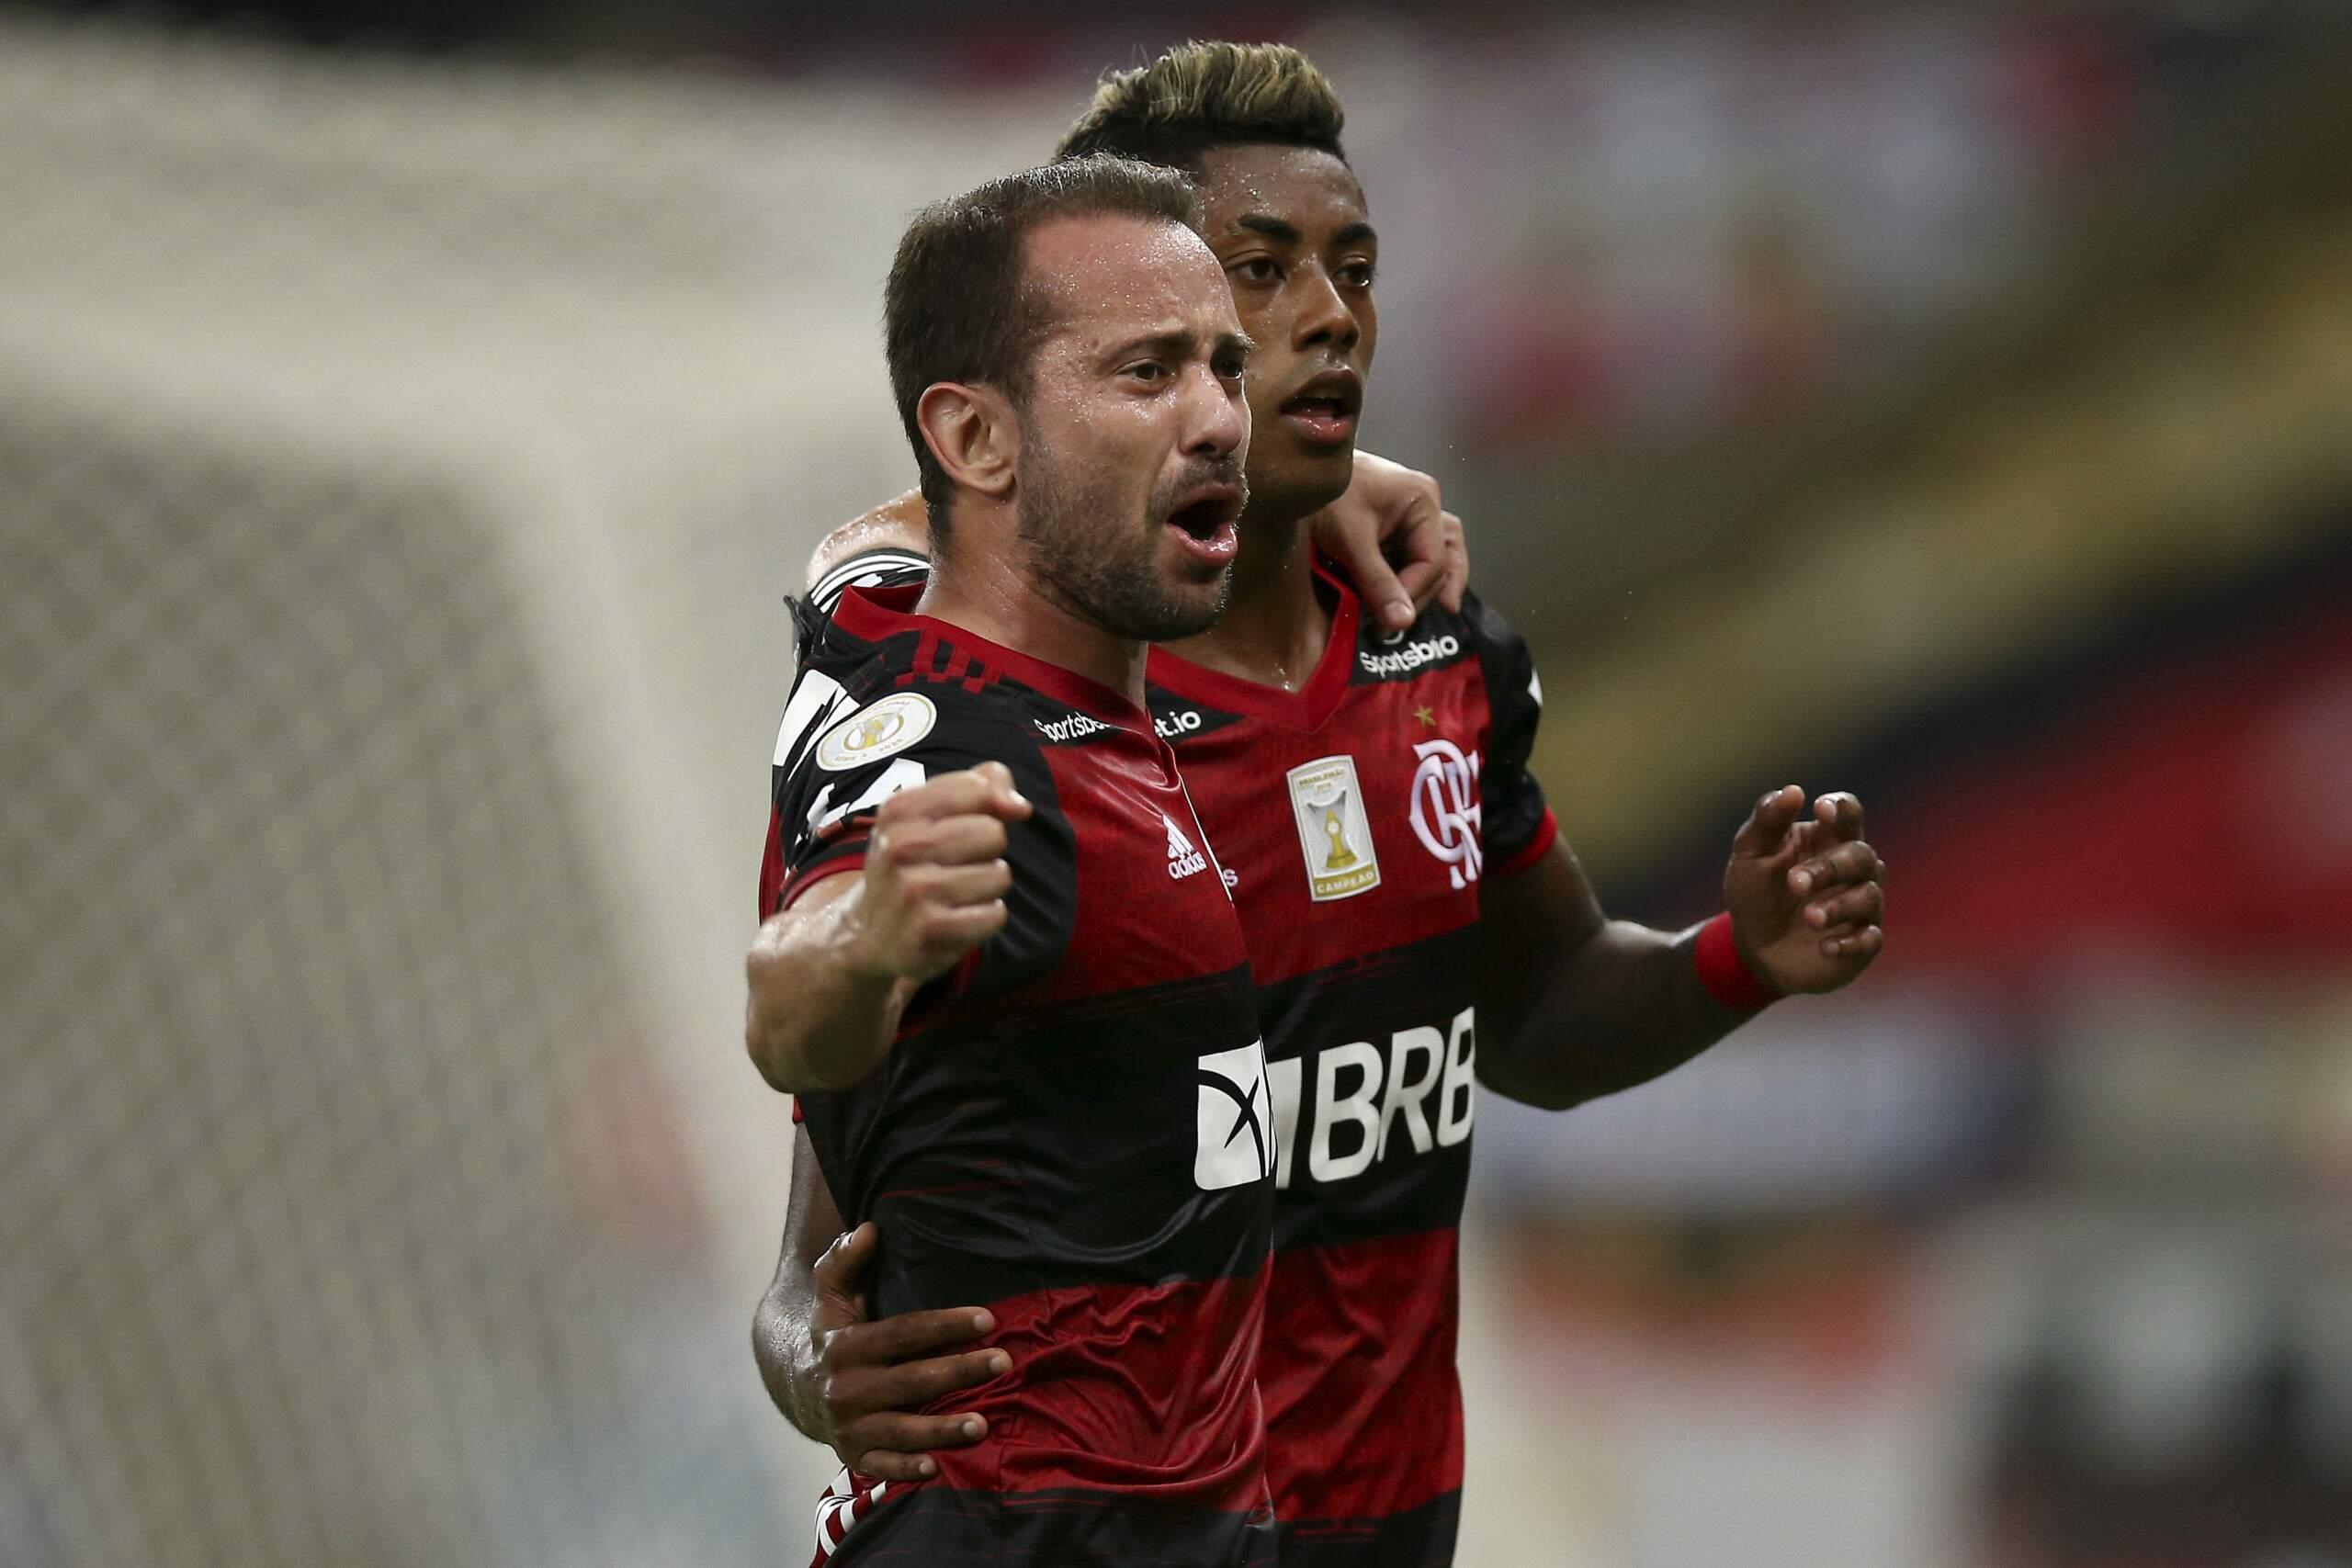 O que o Flamengo precisa fazer para ser campeão brasileiro e desbancar o Internacional? Confira